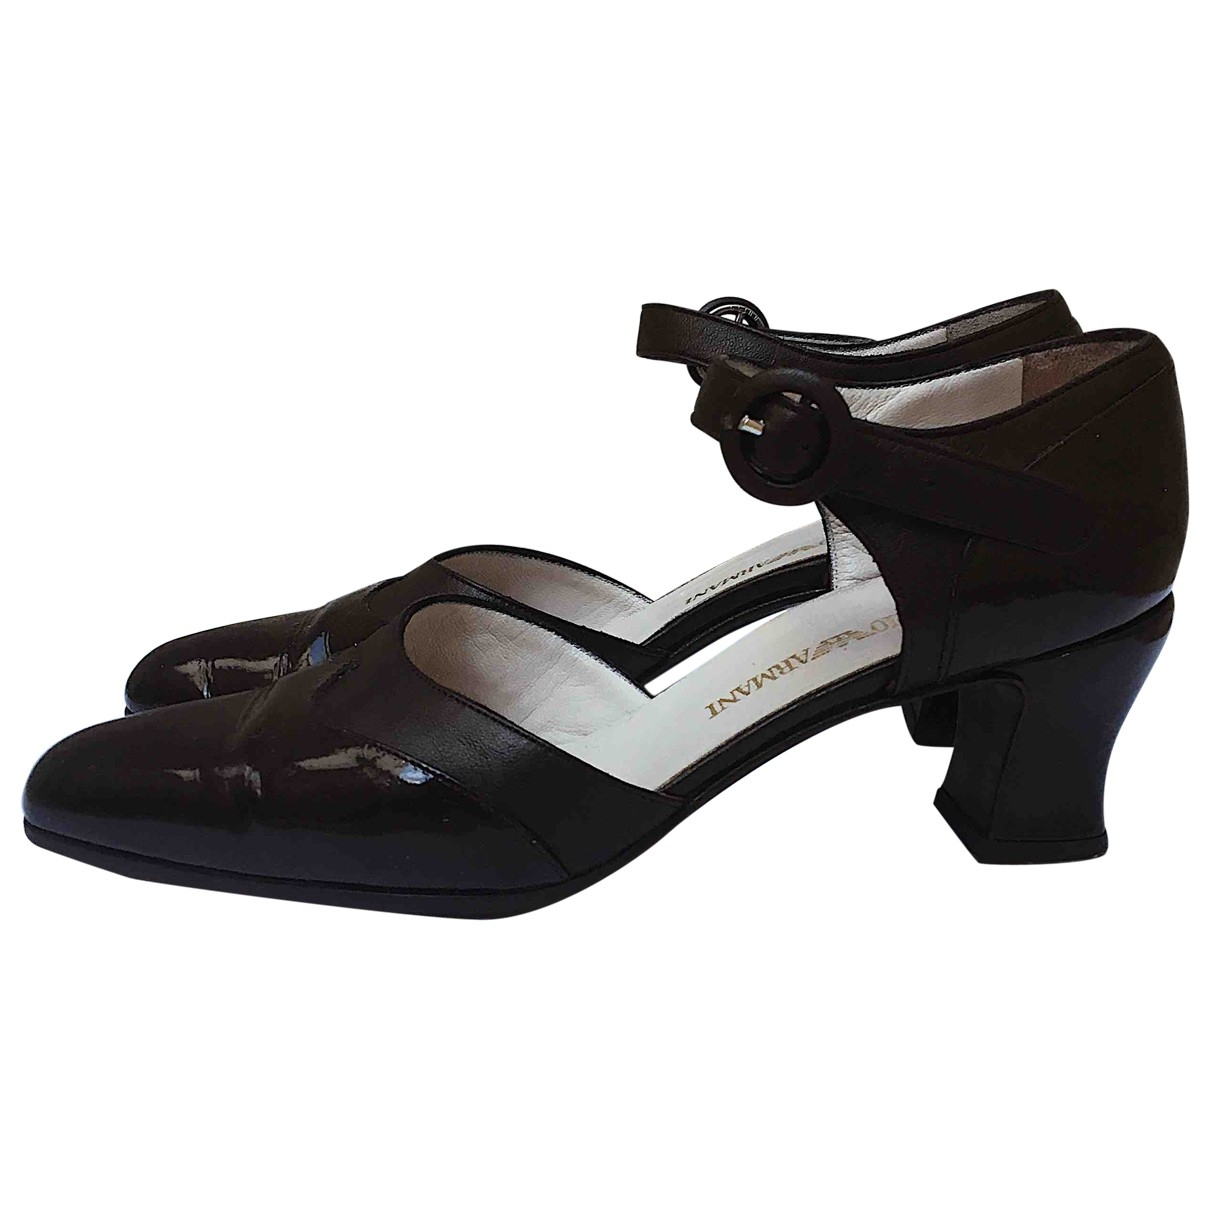 Emporio Armani - Escarpins   pour femme en cuir - marron